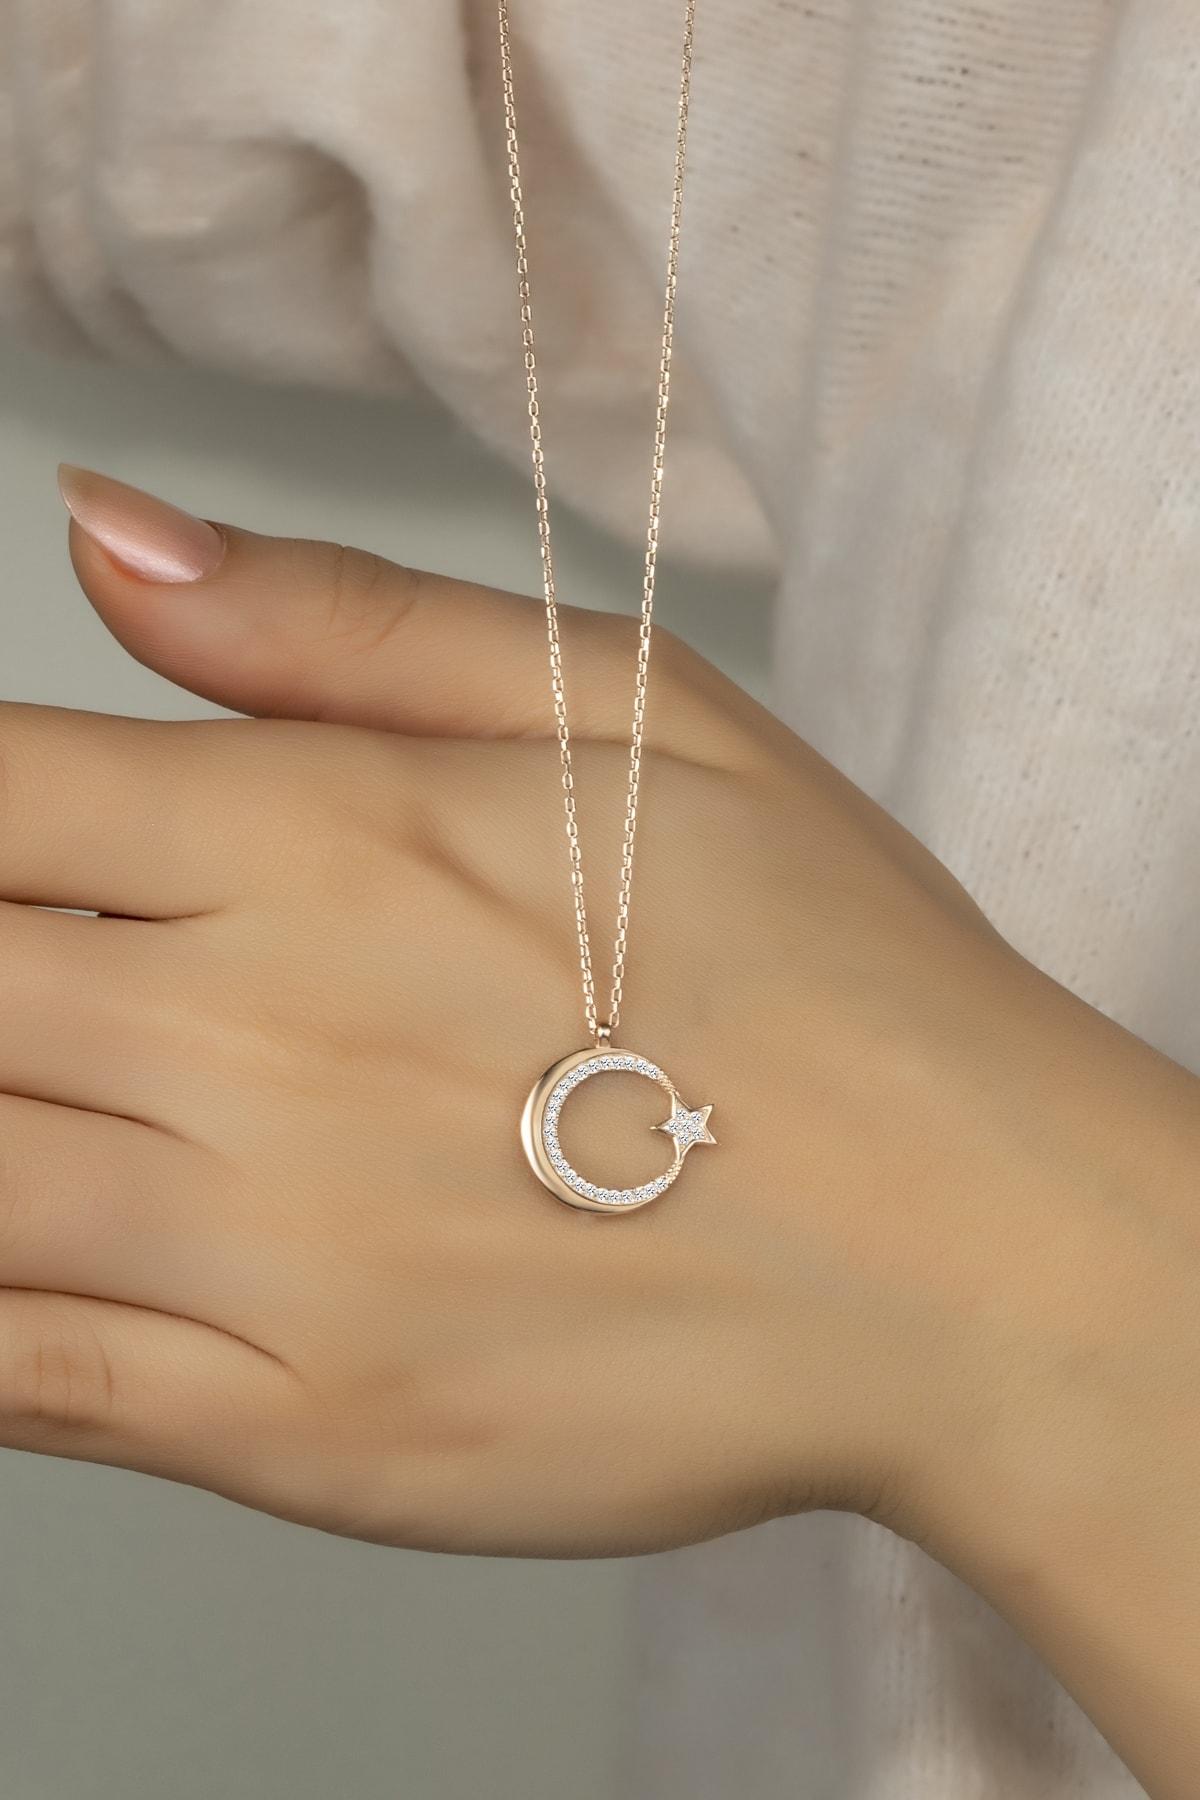 Else Silver Pırlanta Modeli Gümüş Ay Yıldız Kolye 1